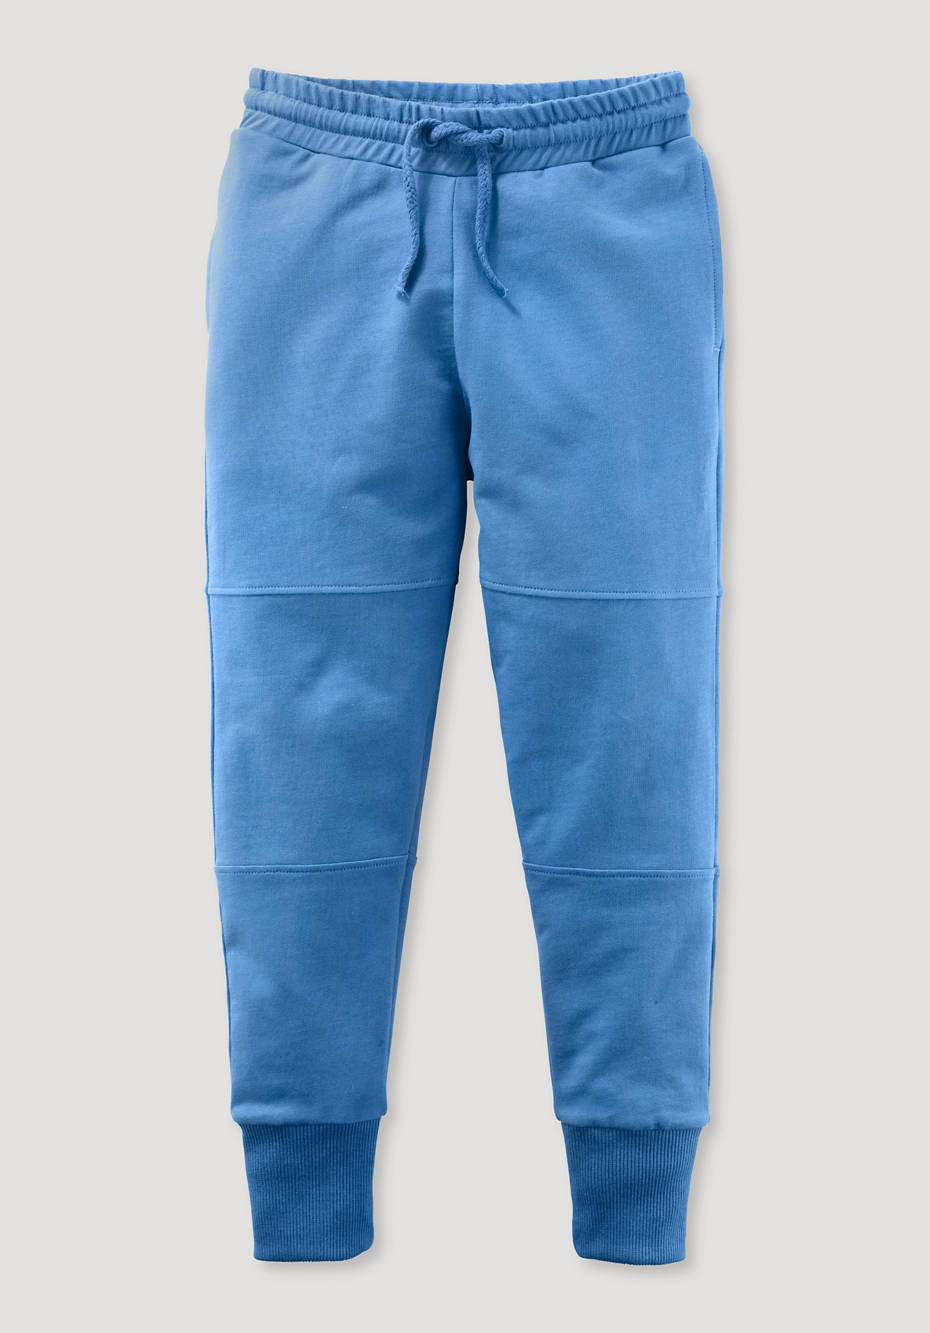 Organic cotton sweatpants with kapok